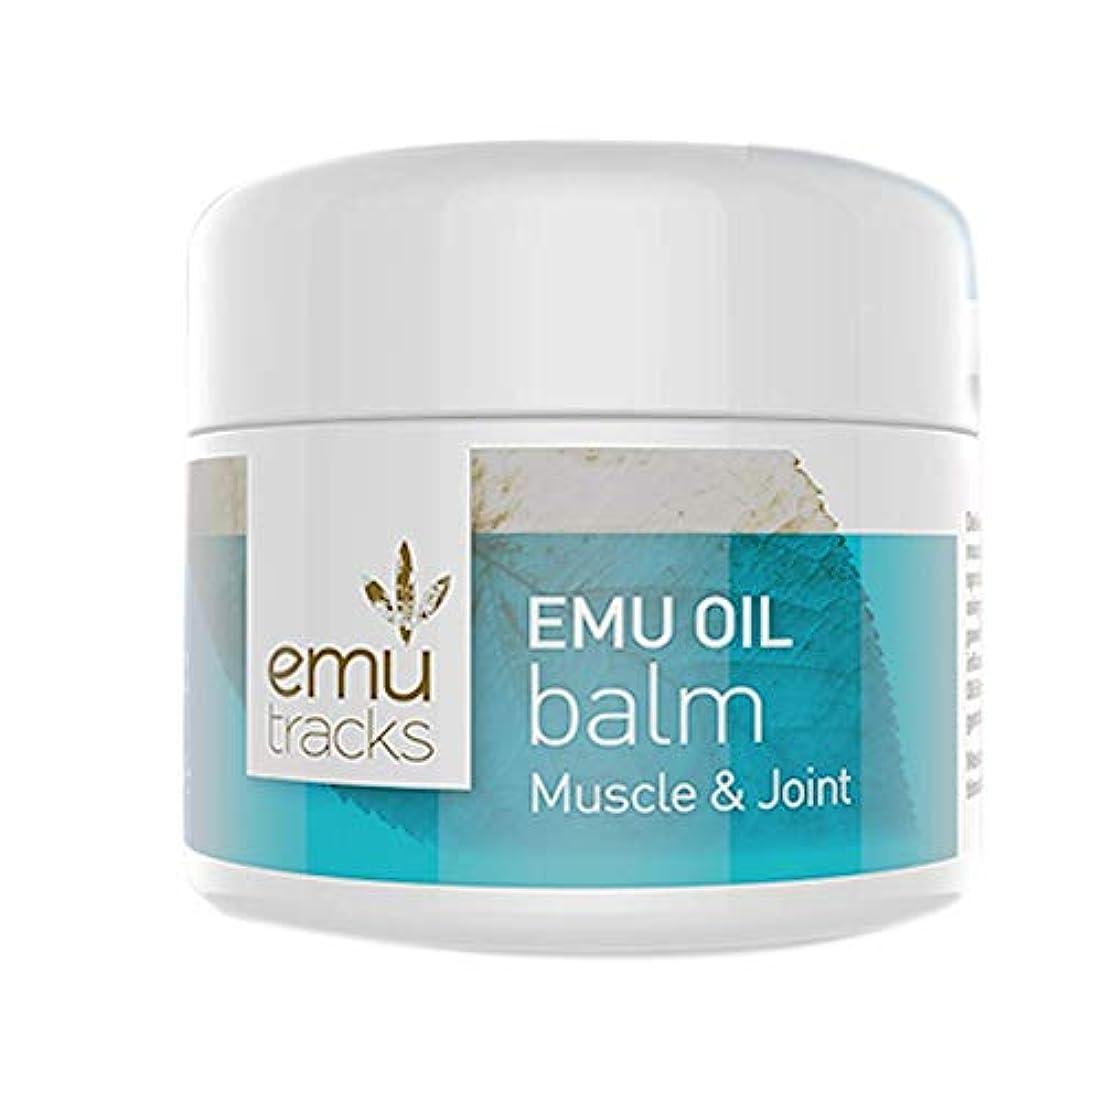 悲鳴最少一生[Emu Tracks] エミュー?オイル?バーム(Muscle & Joint)50g 【海外直送】